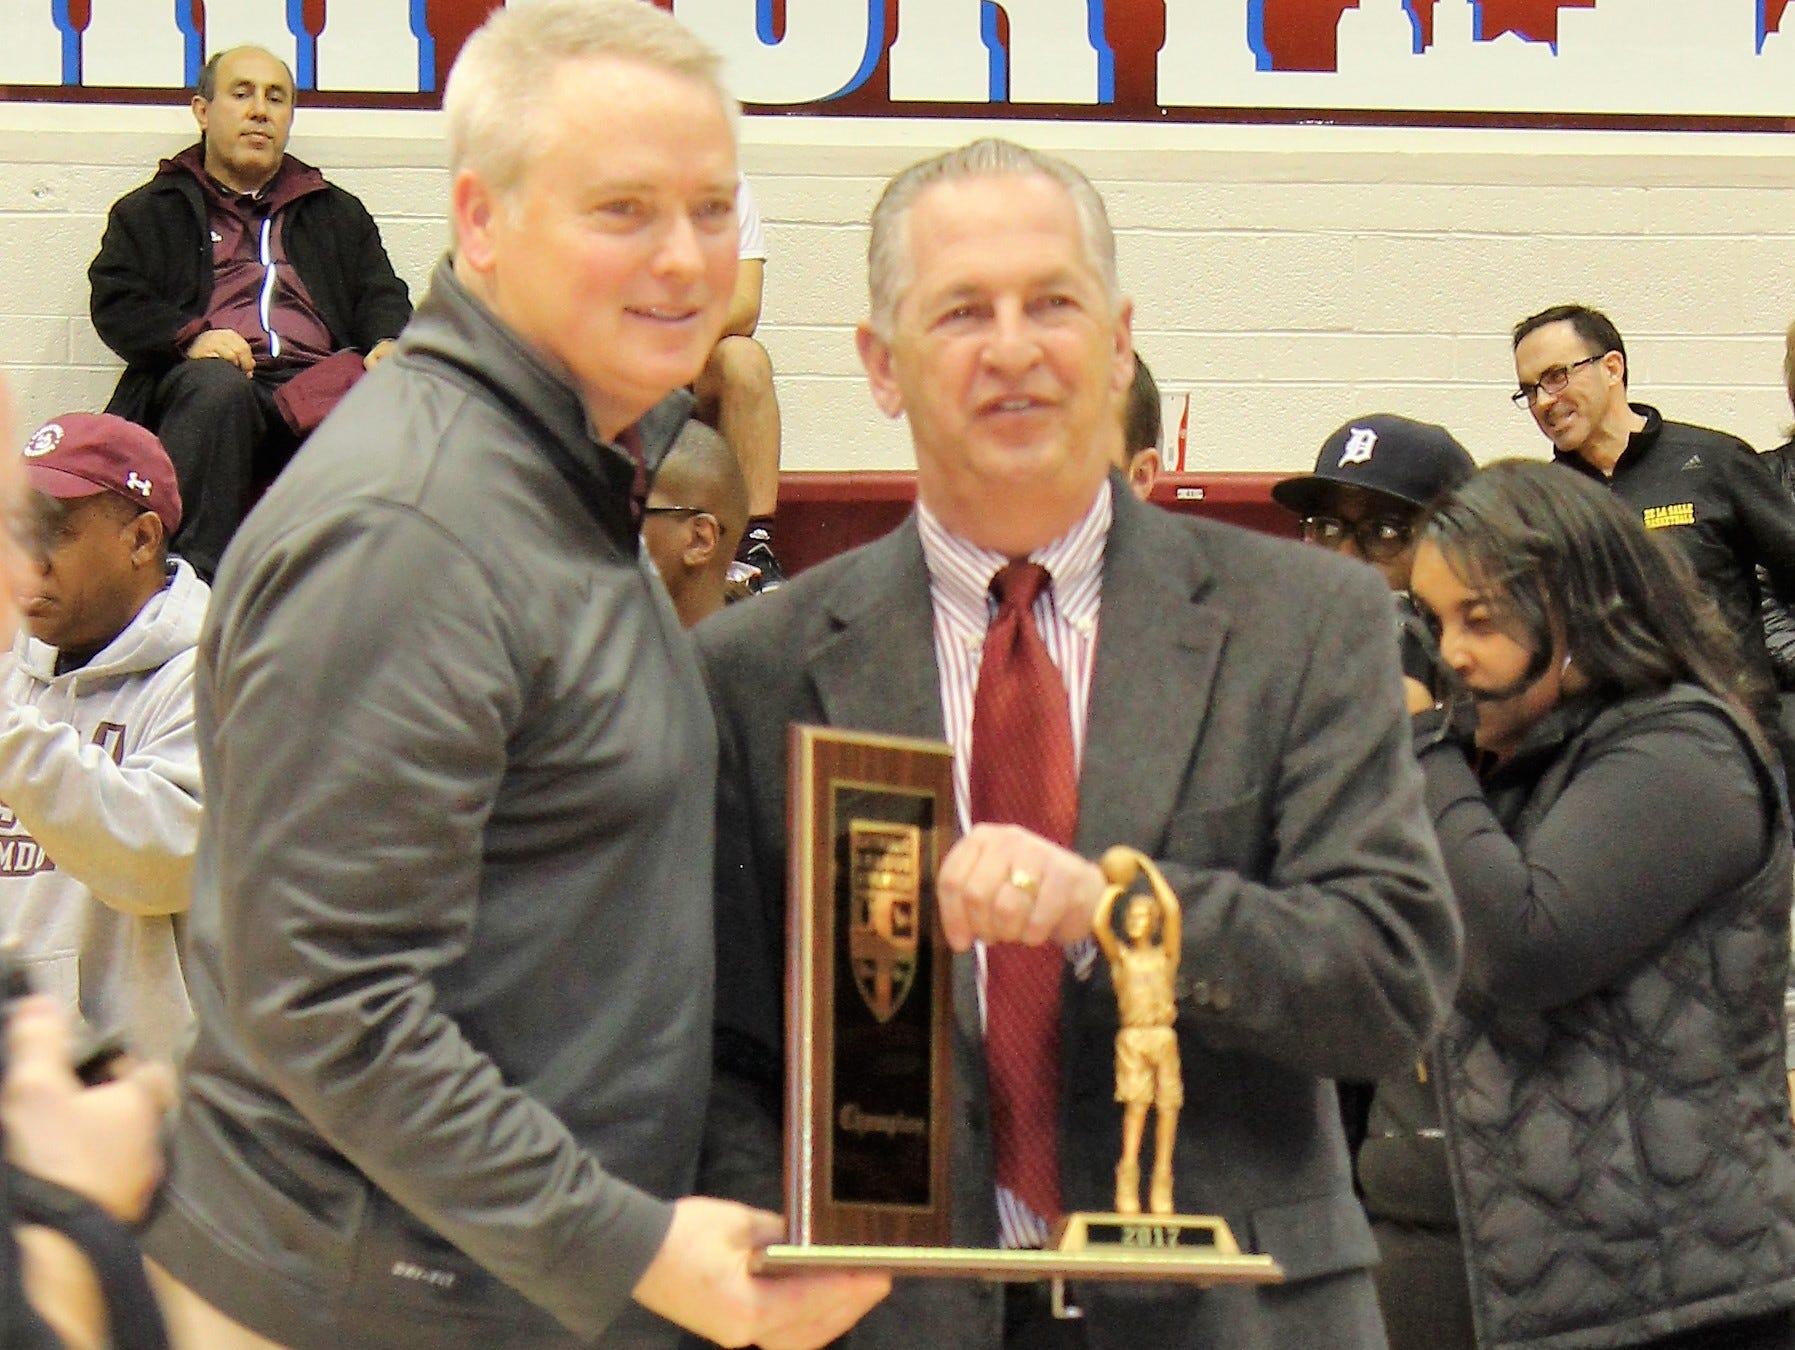 U-D Jesuit coach Pat Donnelly, left, receives the Catholic League championship trophy from league director Vic Michaels.